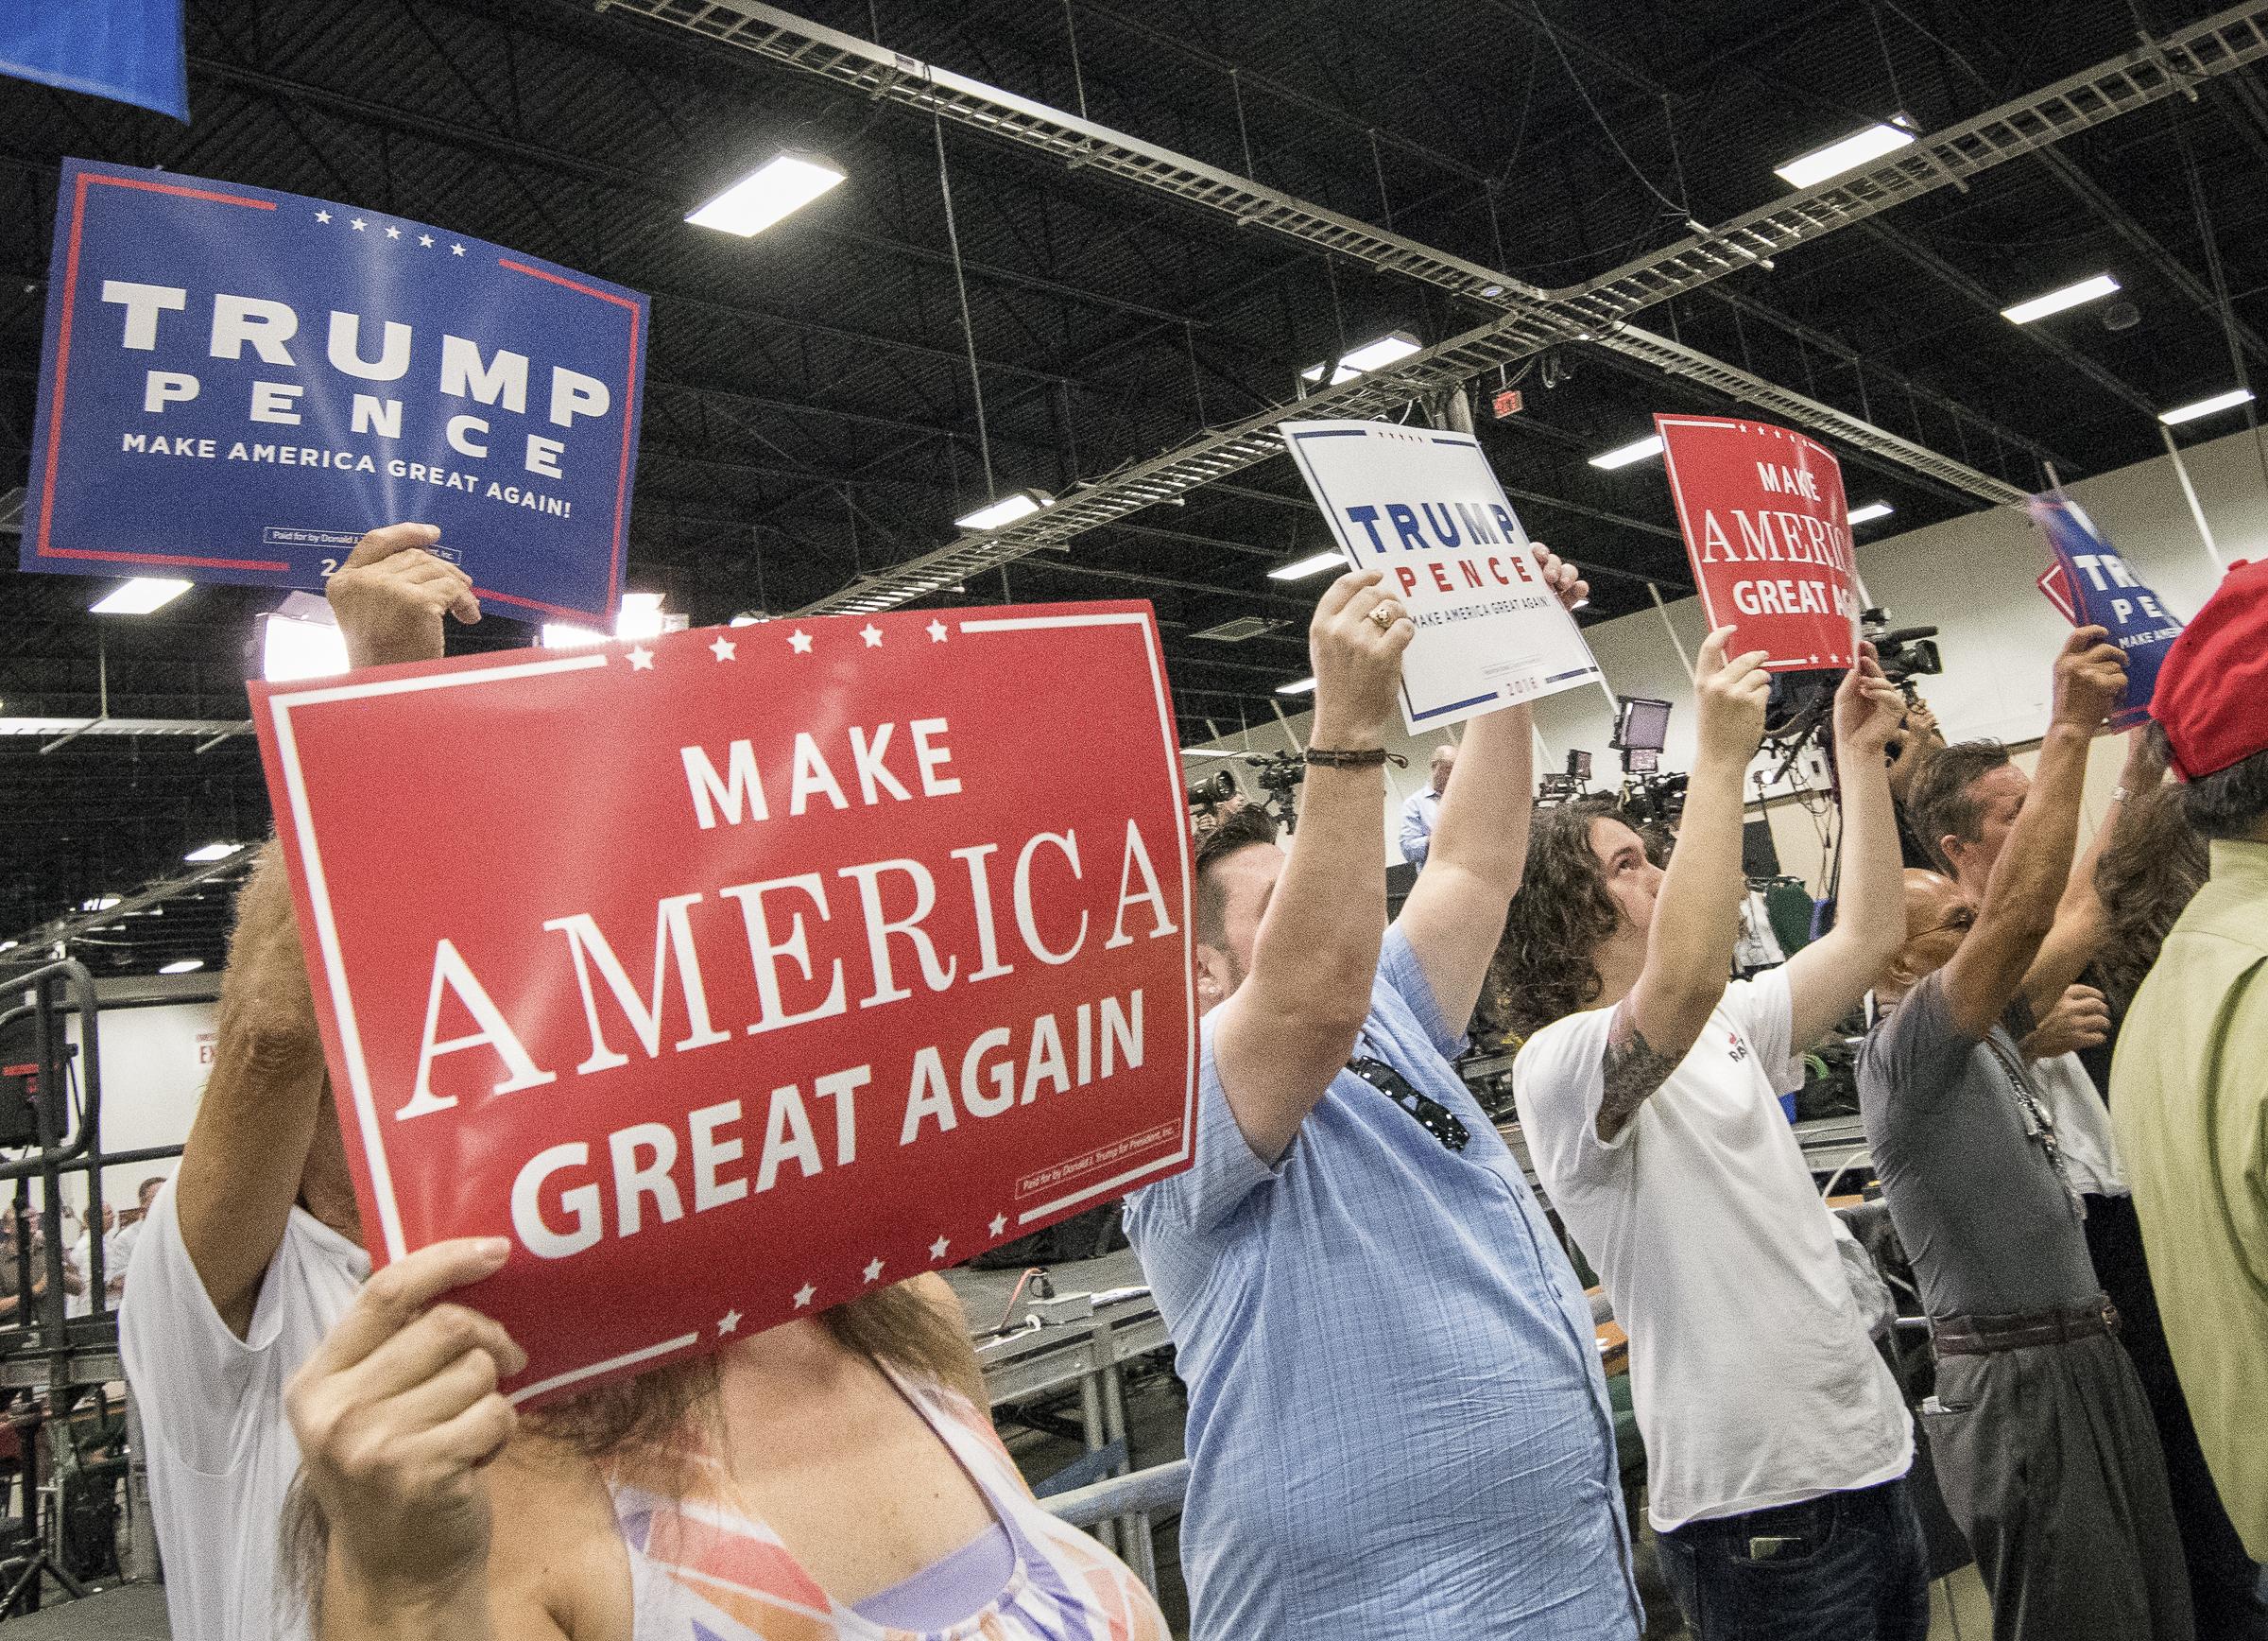 TR_Trump_Print21.jpg